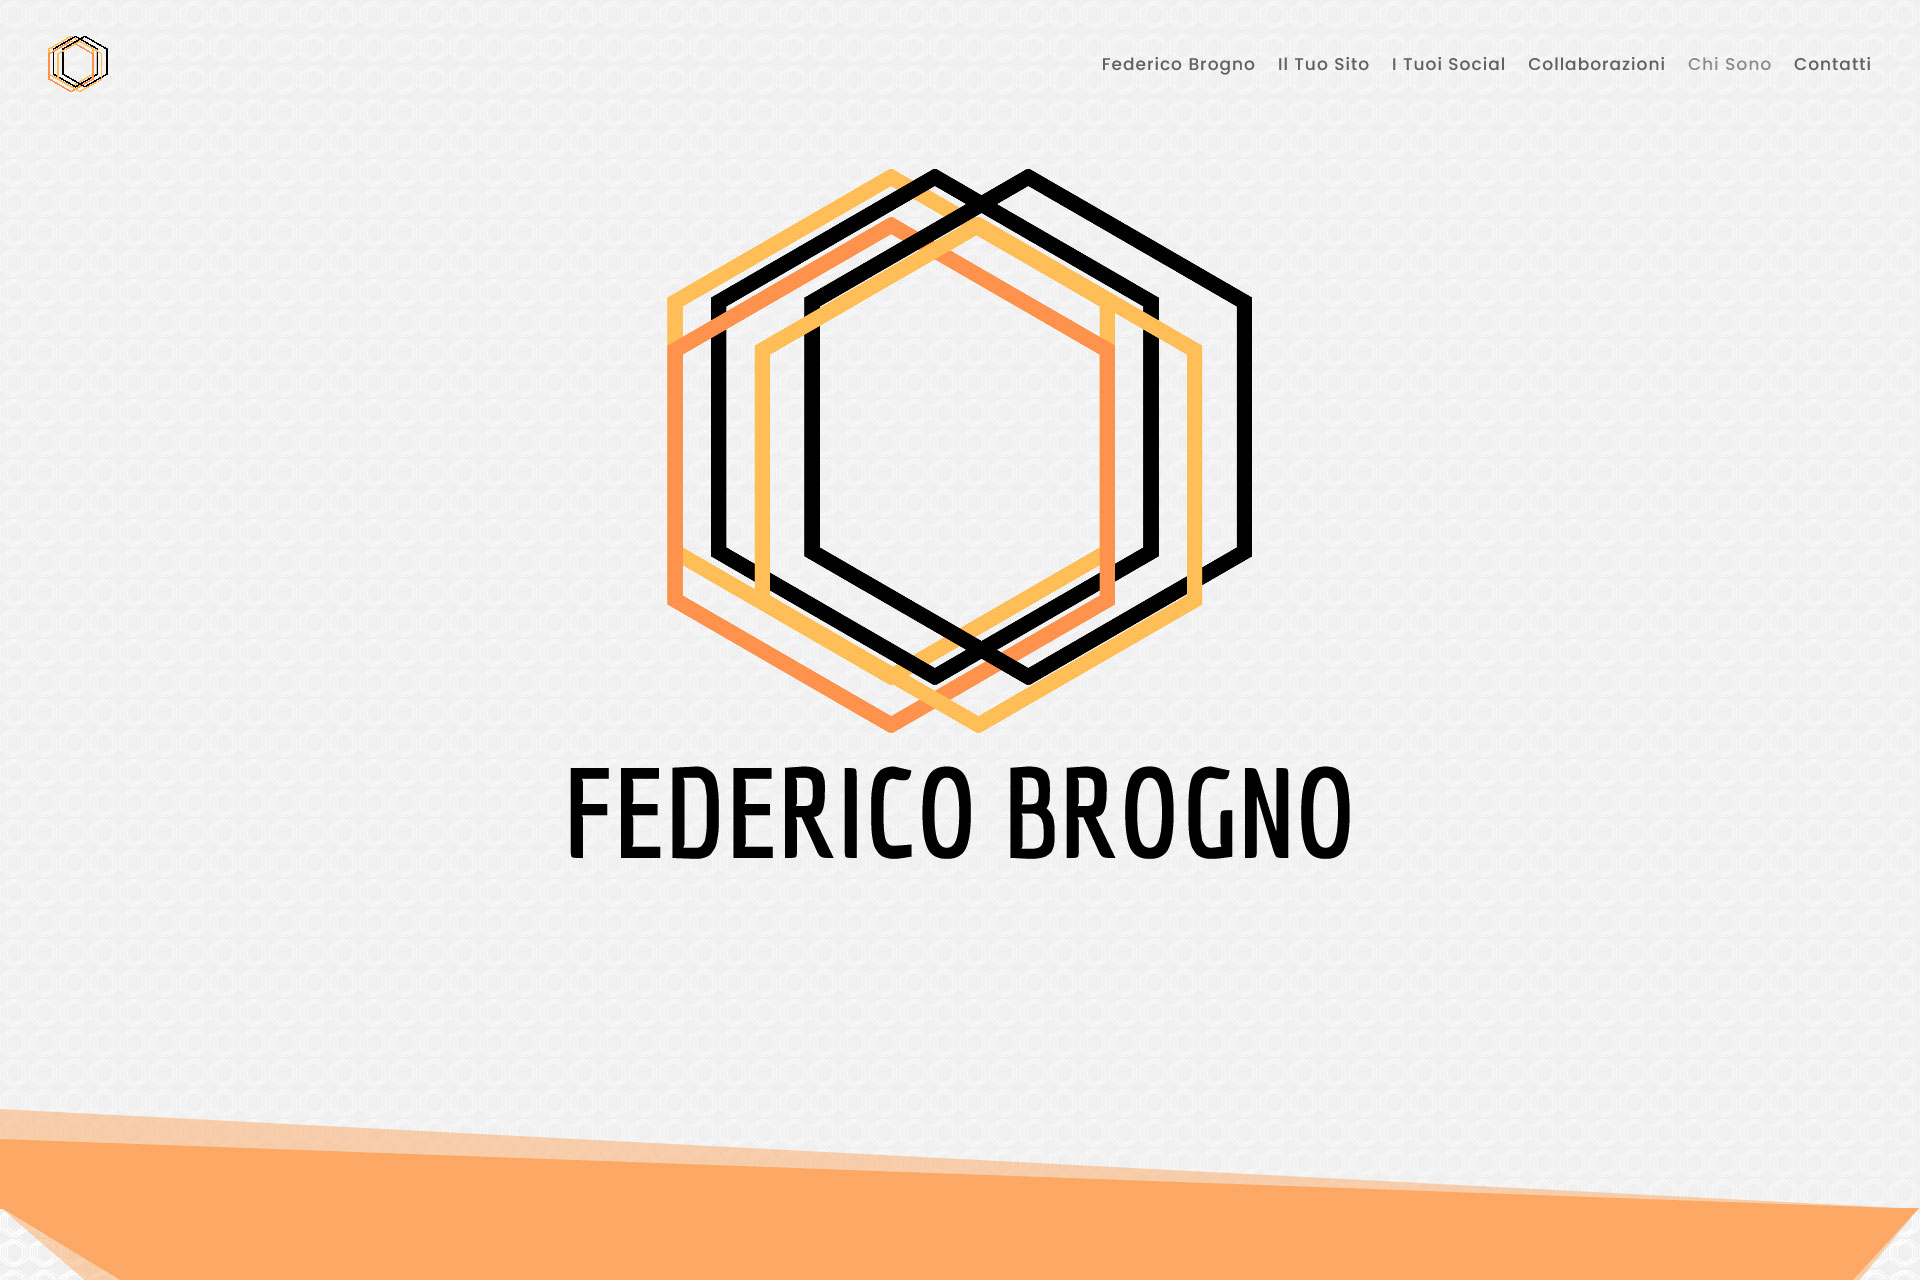 Federico Brogno Sito Web